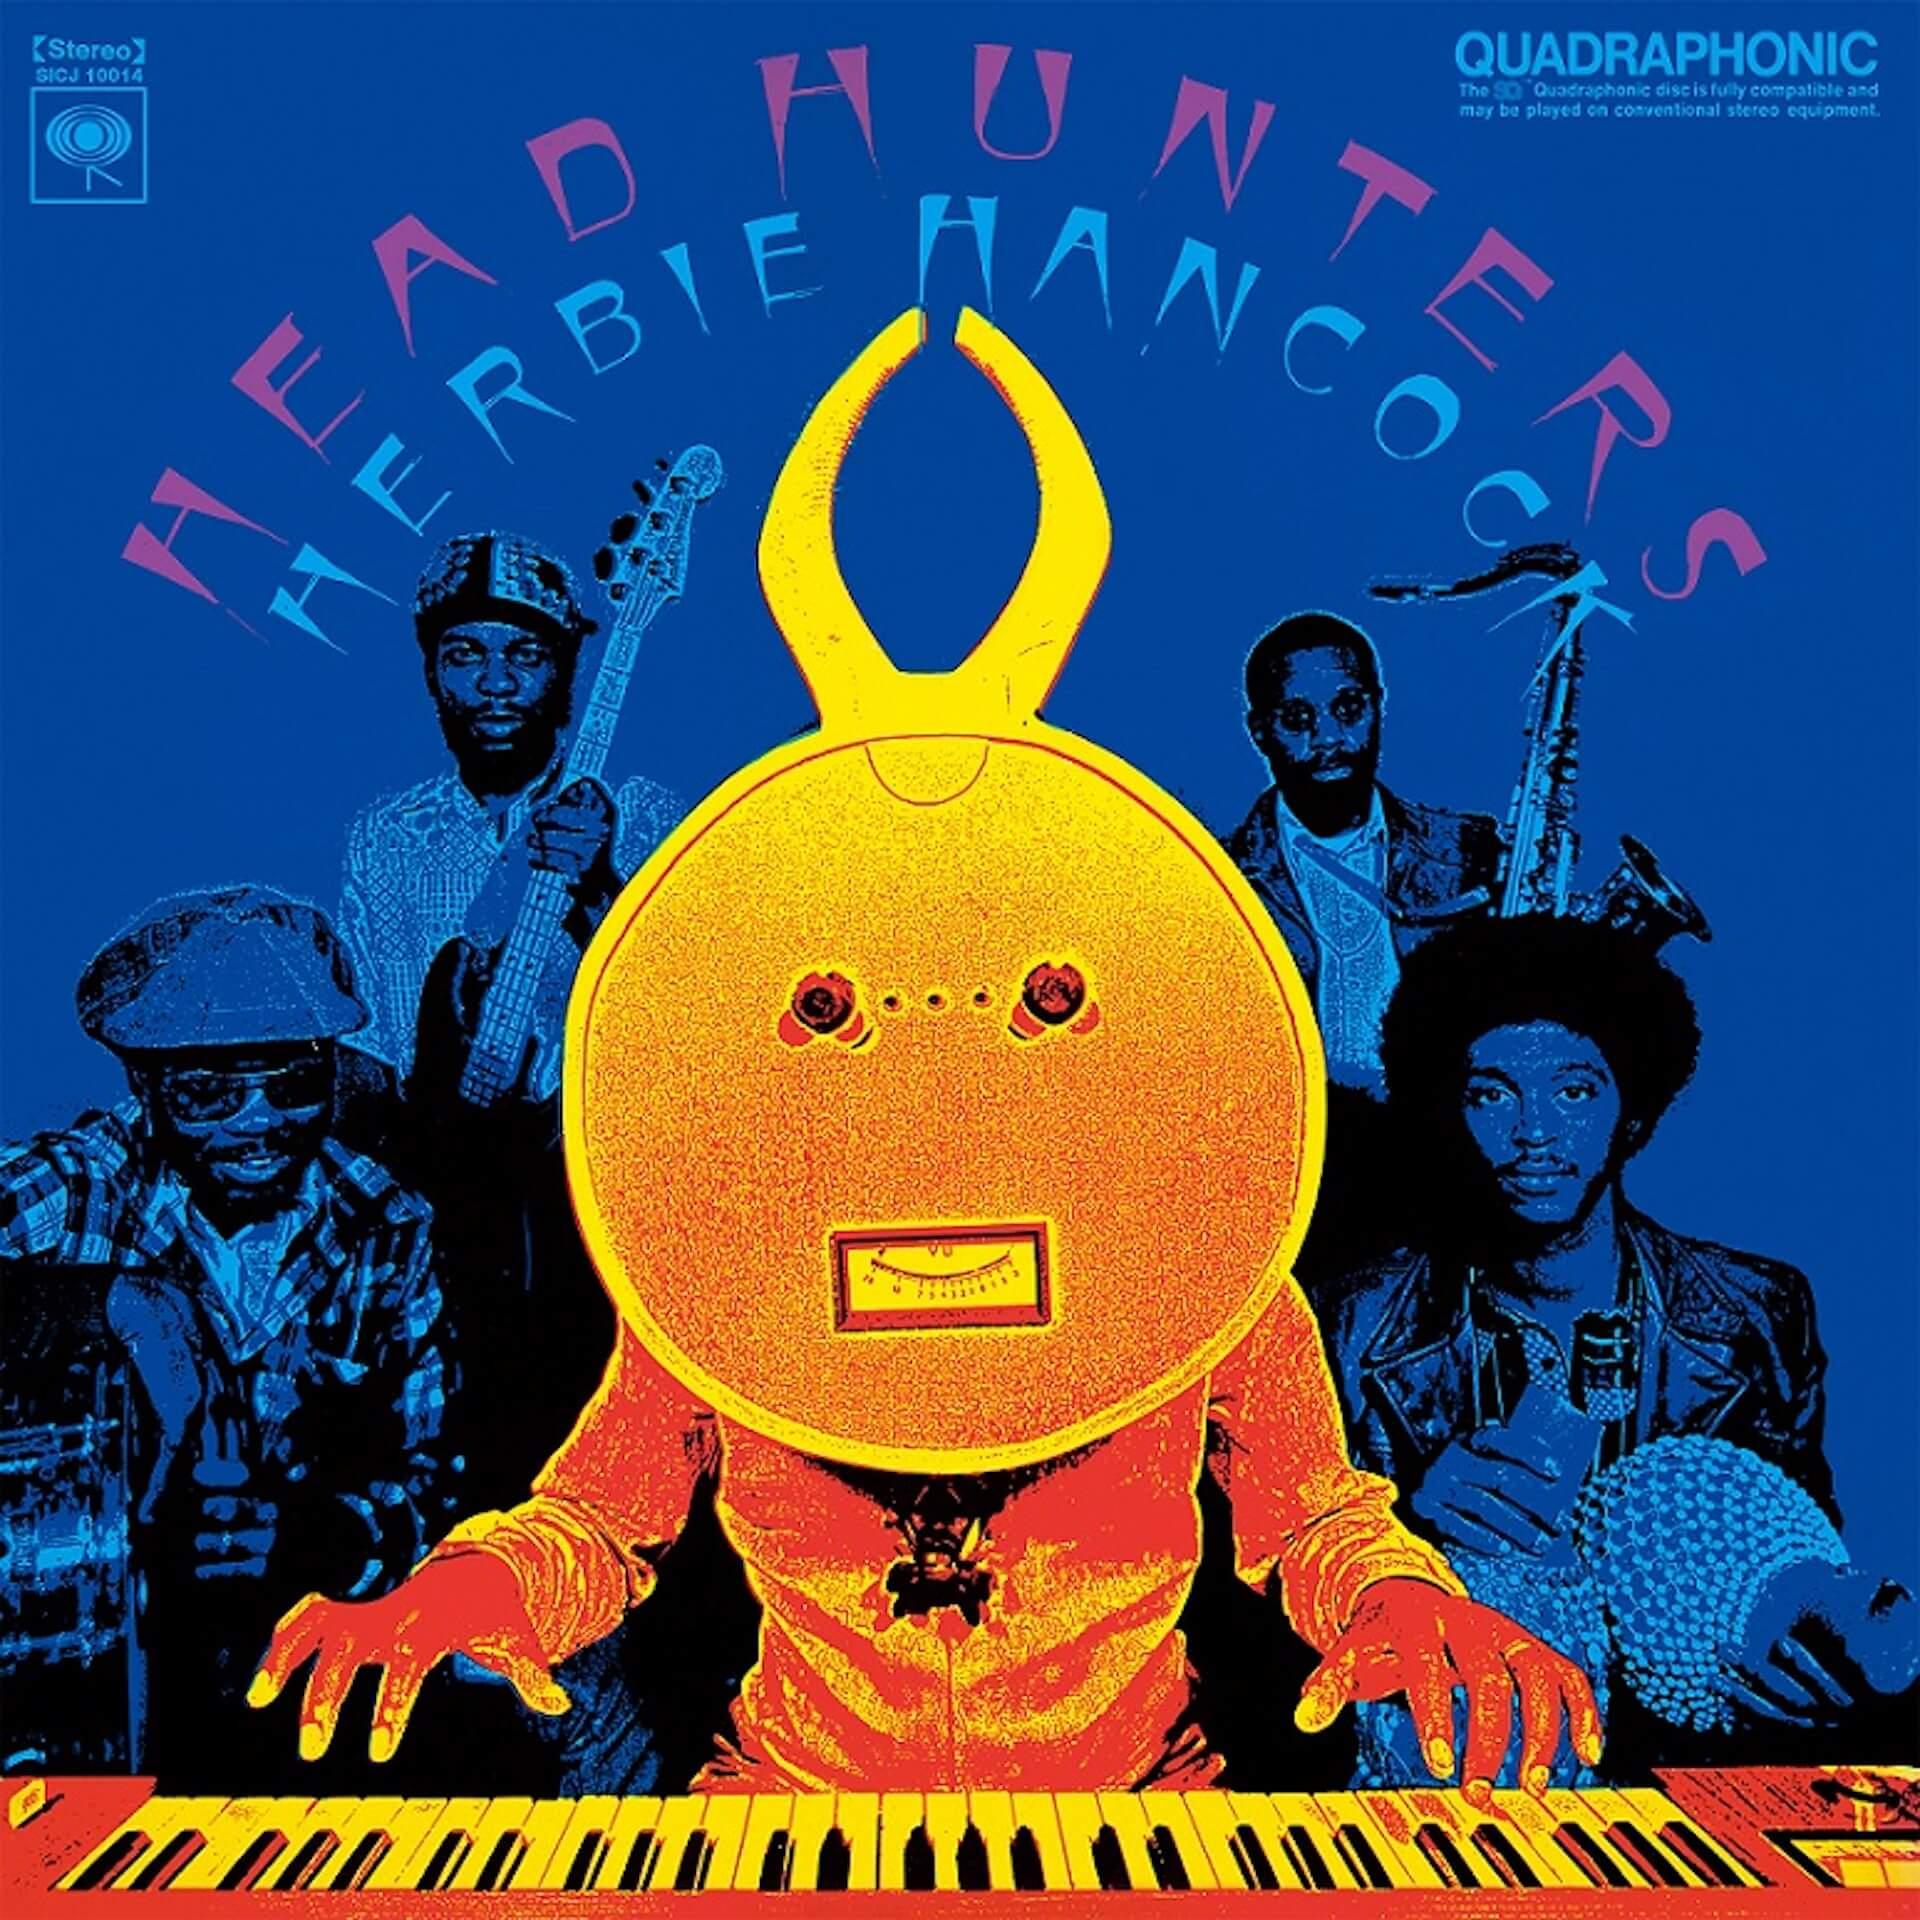 Thundercatの作品にも参加したHerbie Hancockの超名盤『ヘッド・ハンターズ』がSA-CDマルチハイブリッド盤でリリース決定! music200721_herbiehancock_1